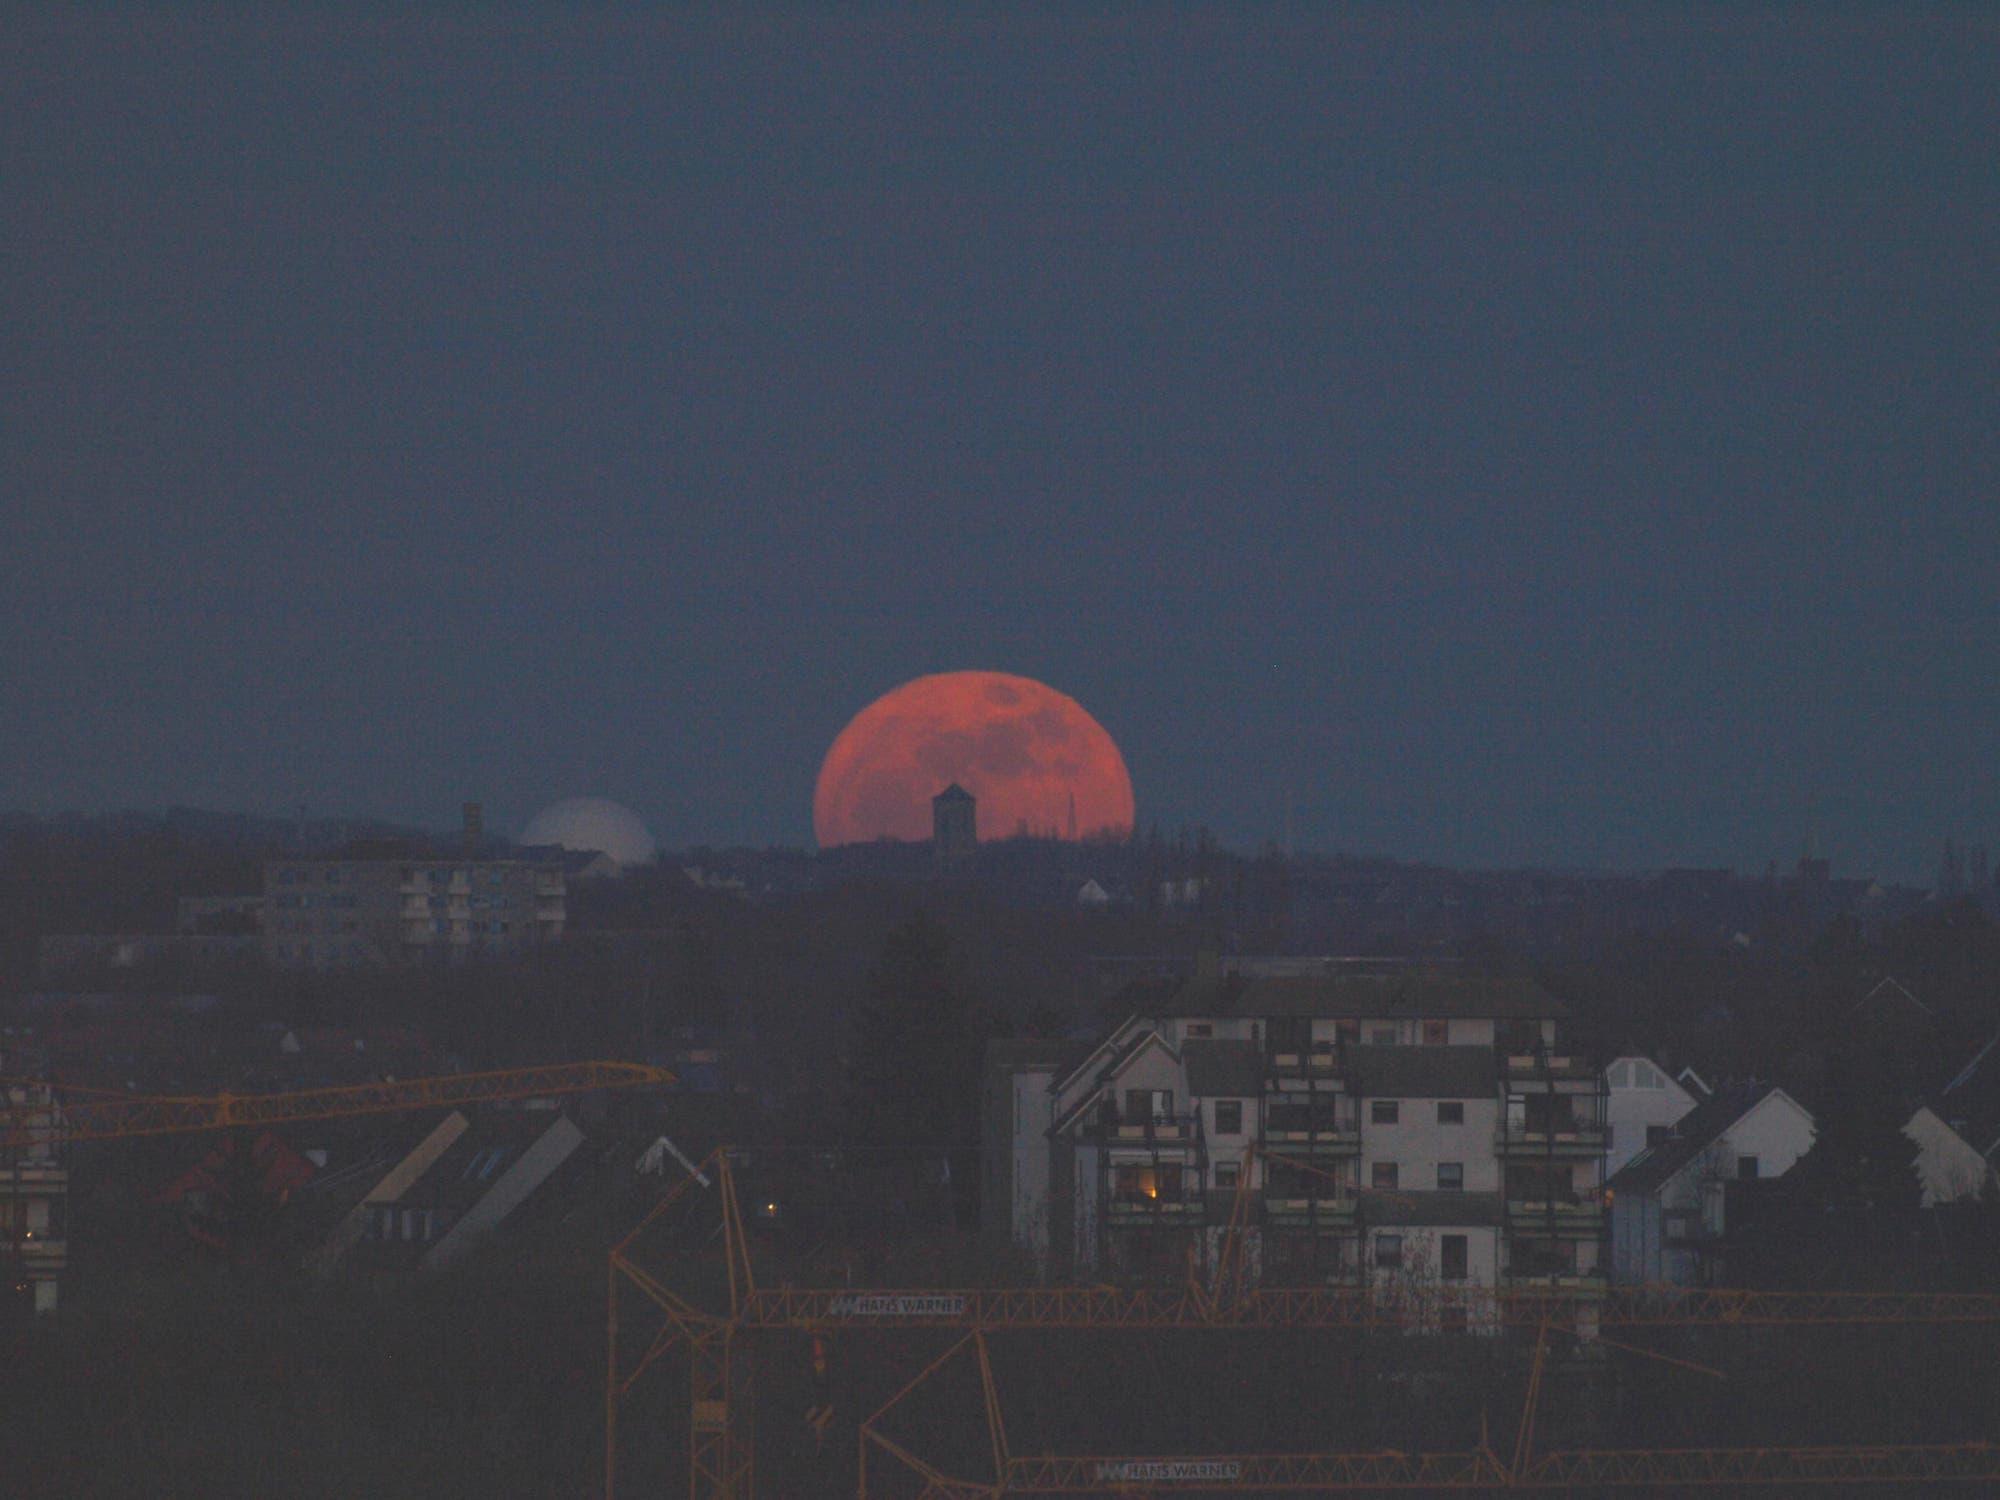 Mond in größter Erdnähe mit Planetarium